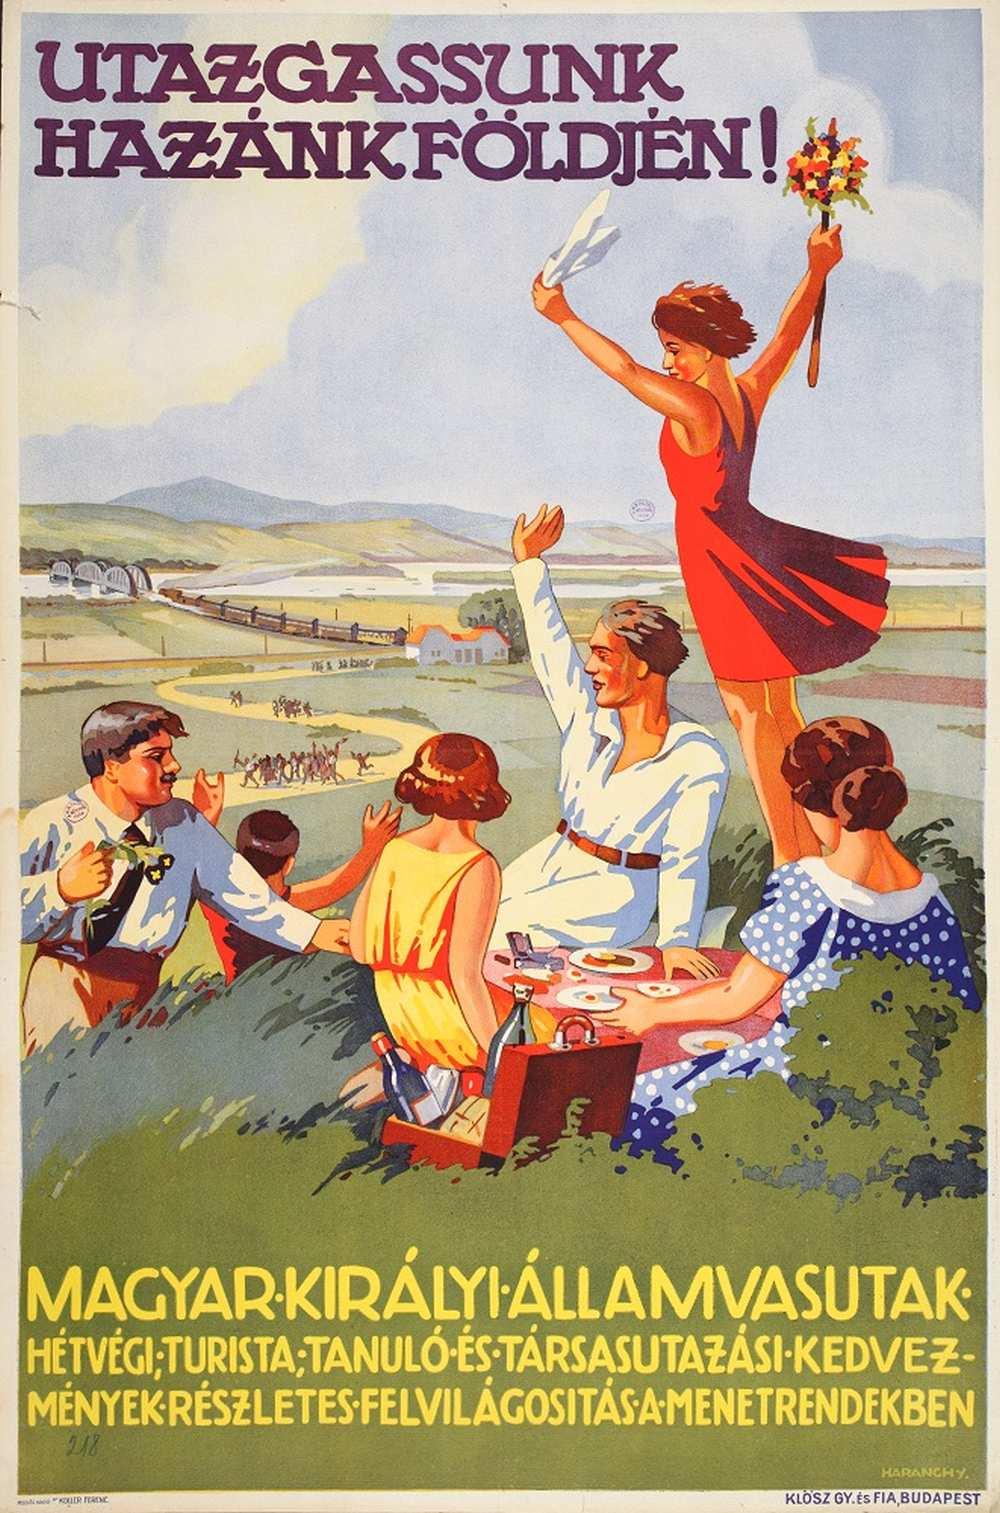 Haranghy Jenő: Utazgassunk hazánk földjén! (1930). Jelzet: PKG.1930/76 – Térkép-, Plakát- és Kisnyomtatványtár http://nektar.oszk.hu/hu/manifestation/2771546